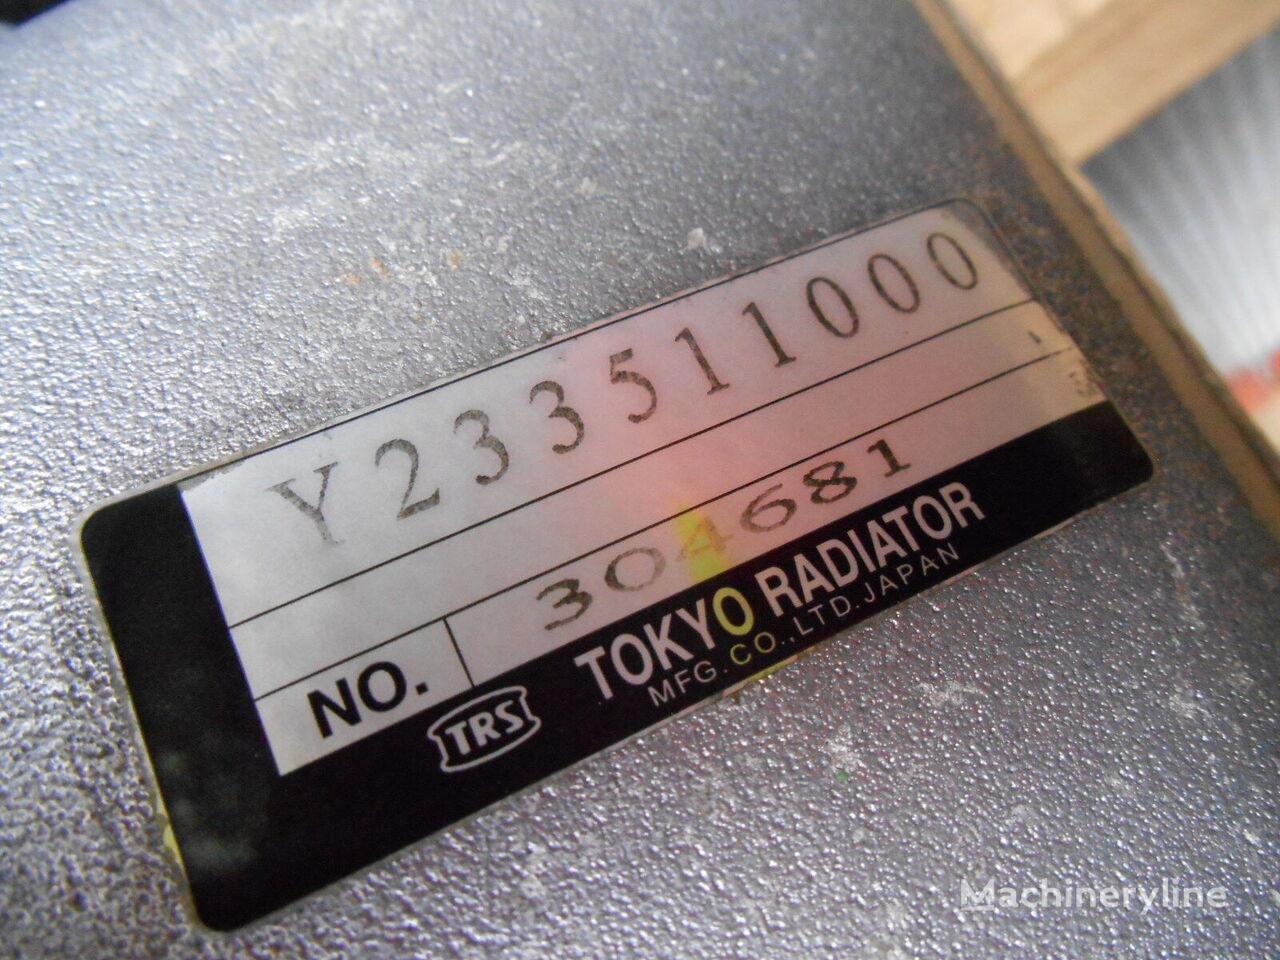 HITACHI ZX280LC-3 ekskavatör için HITACHI Tokyo Y233511000 motor yağı soğutucusu